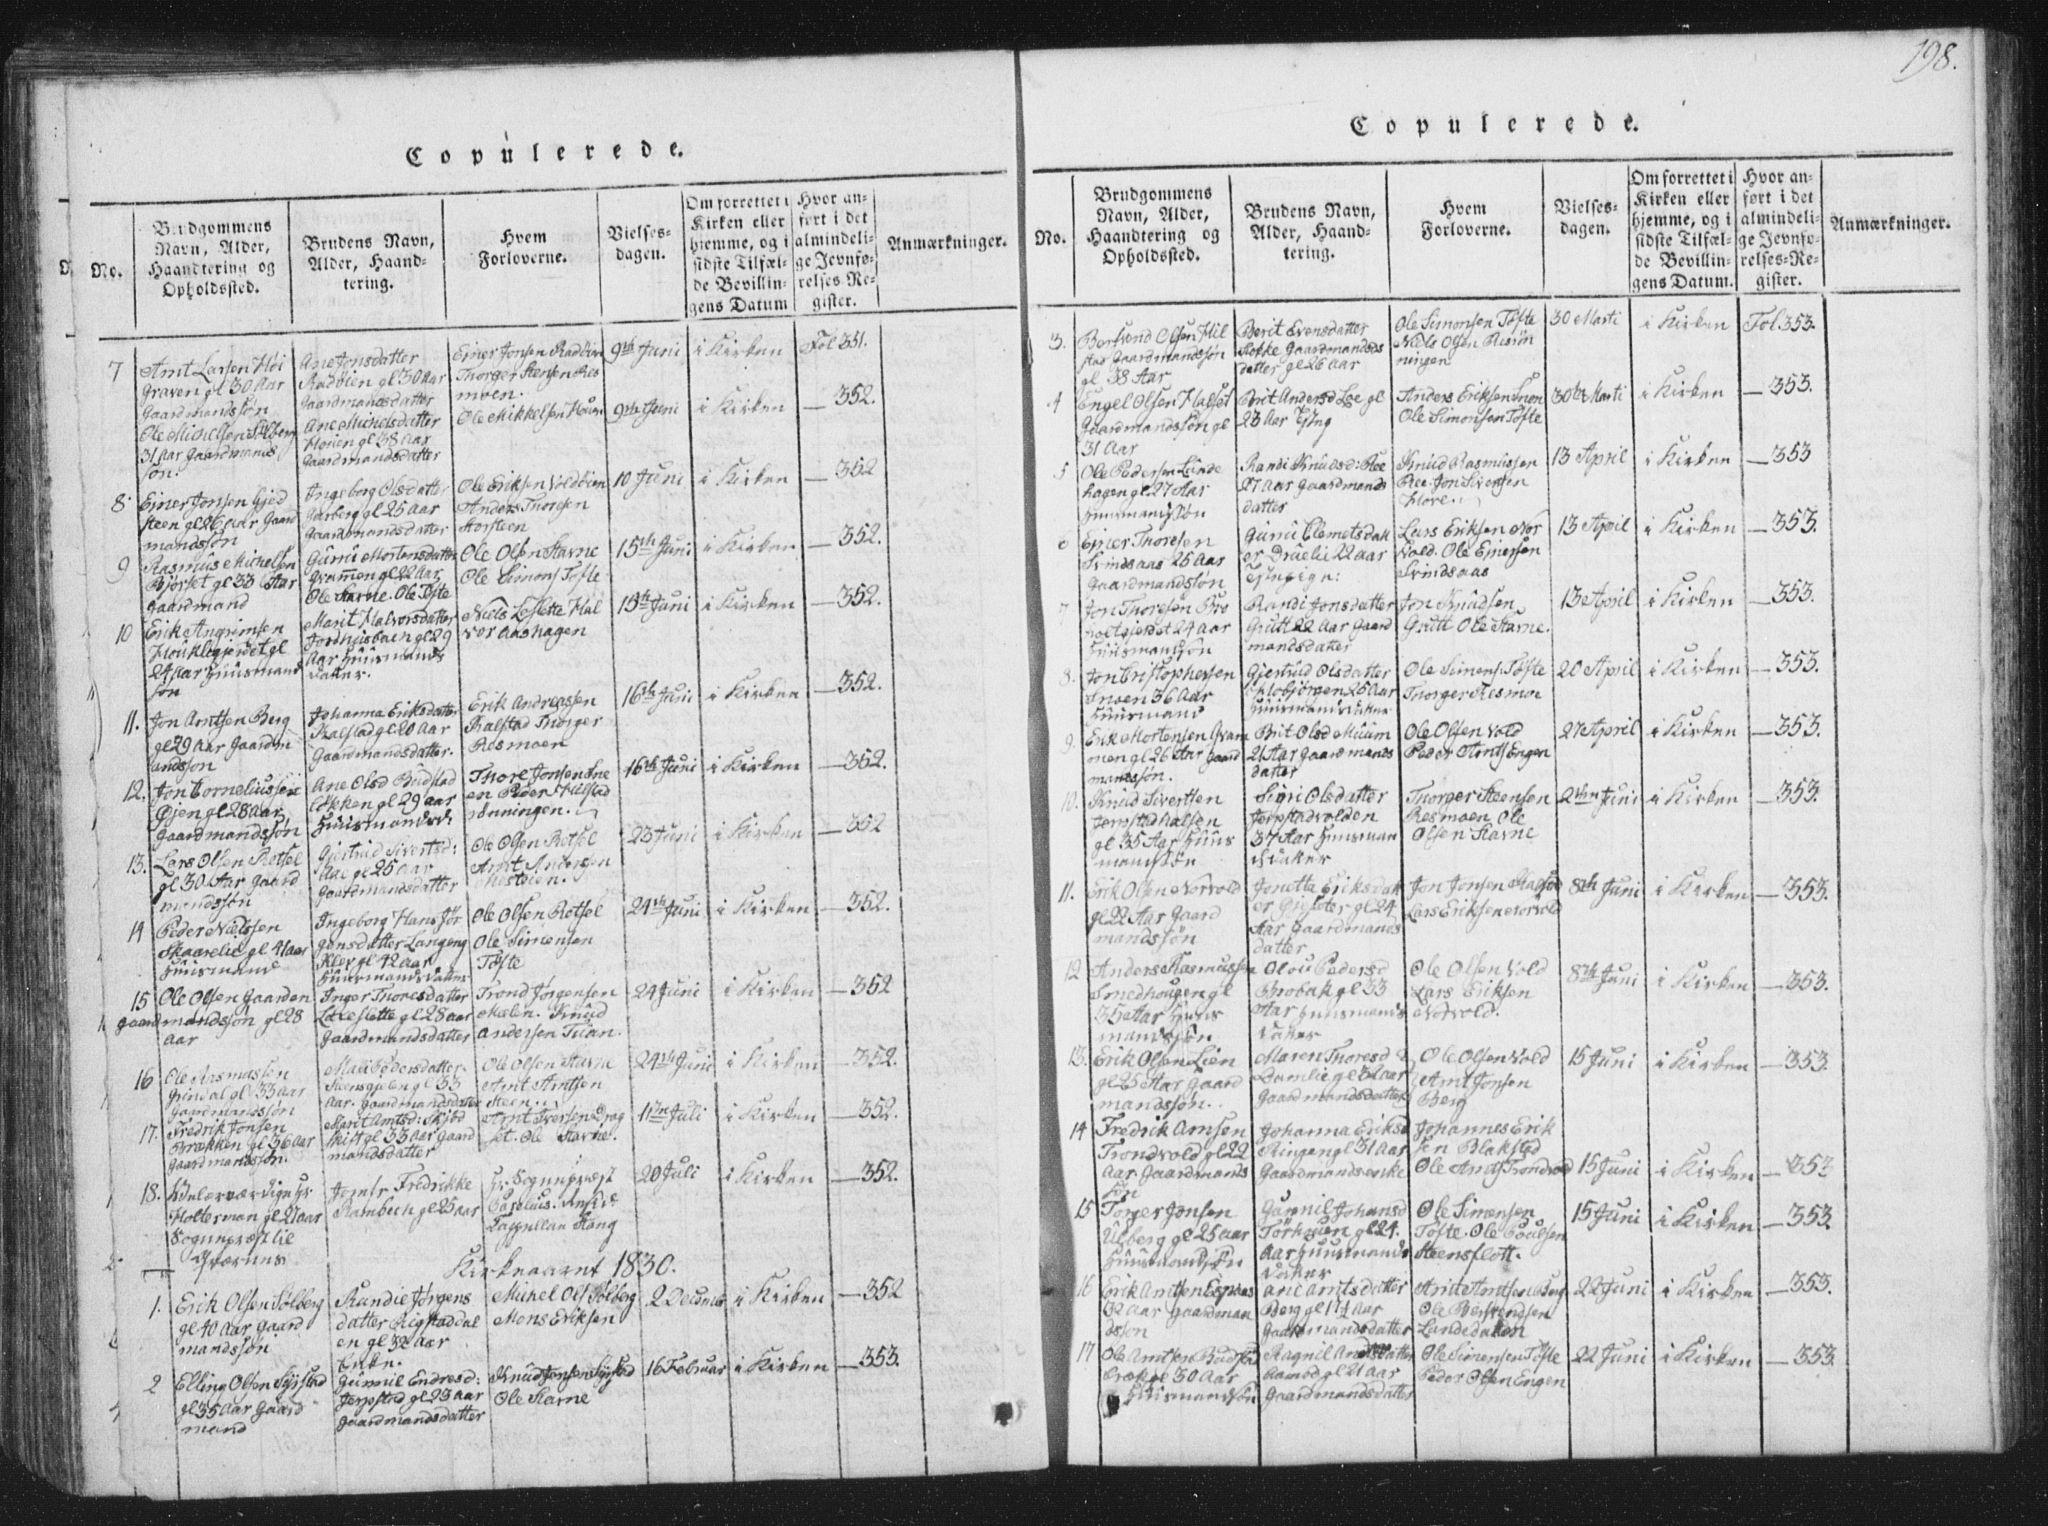 SAT, Ministerialprotokoller, klokkerbøker og fødselsregistre - Sør-Trøndelag, 672/L0862: Klokkerbok nr. 672C01, 1816-1831, s. 198